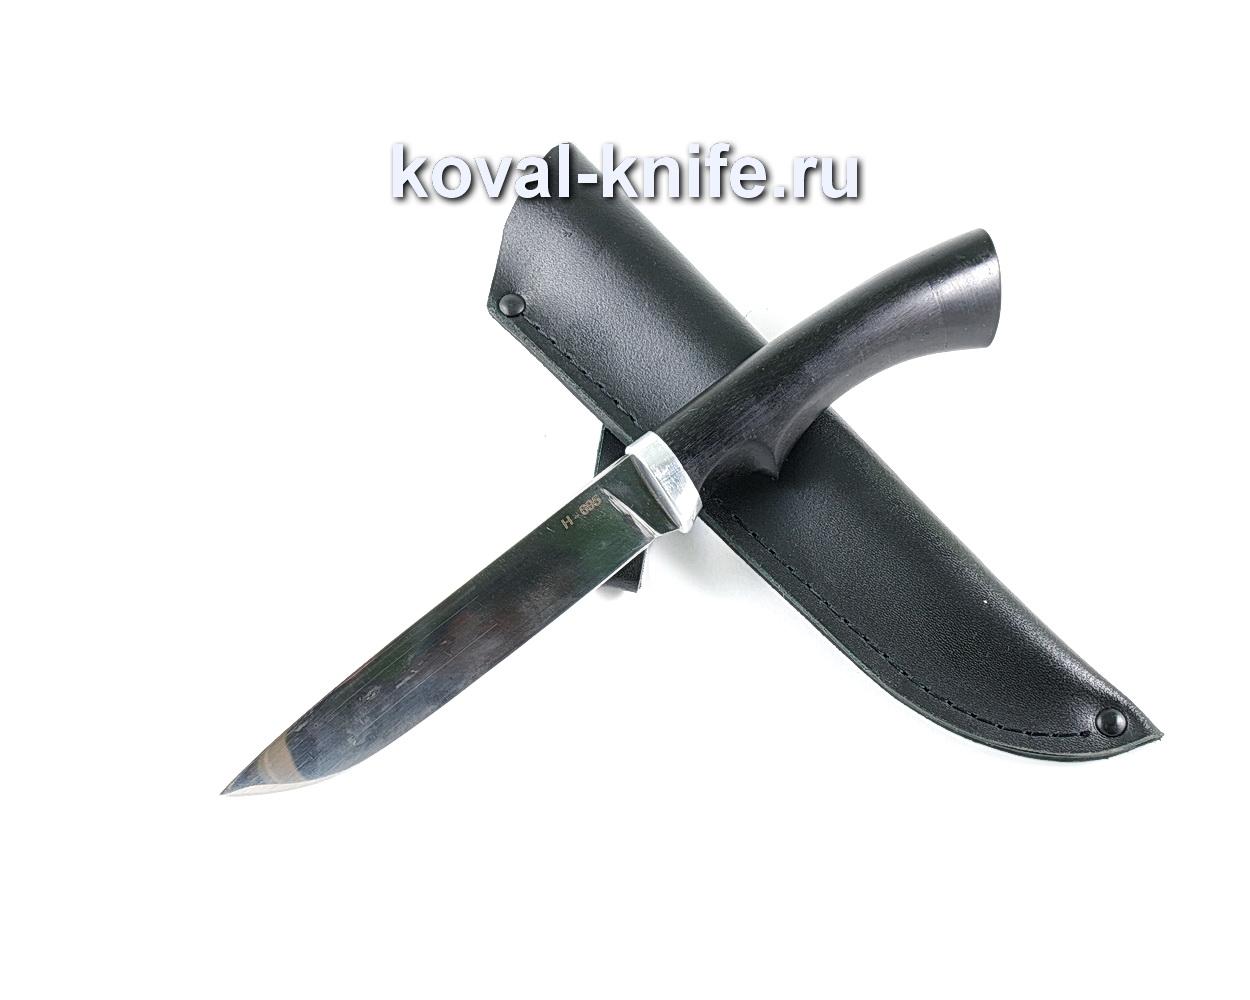 Нож Турист (сталь N-695), рукоять граб A126